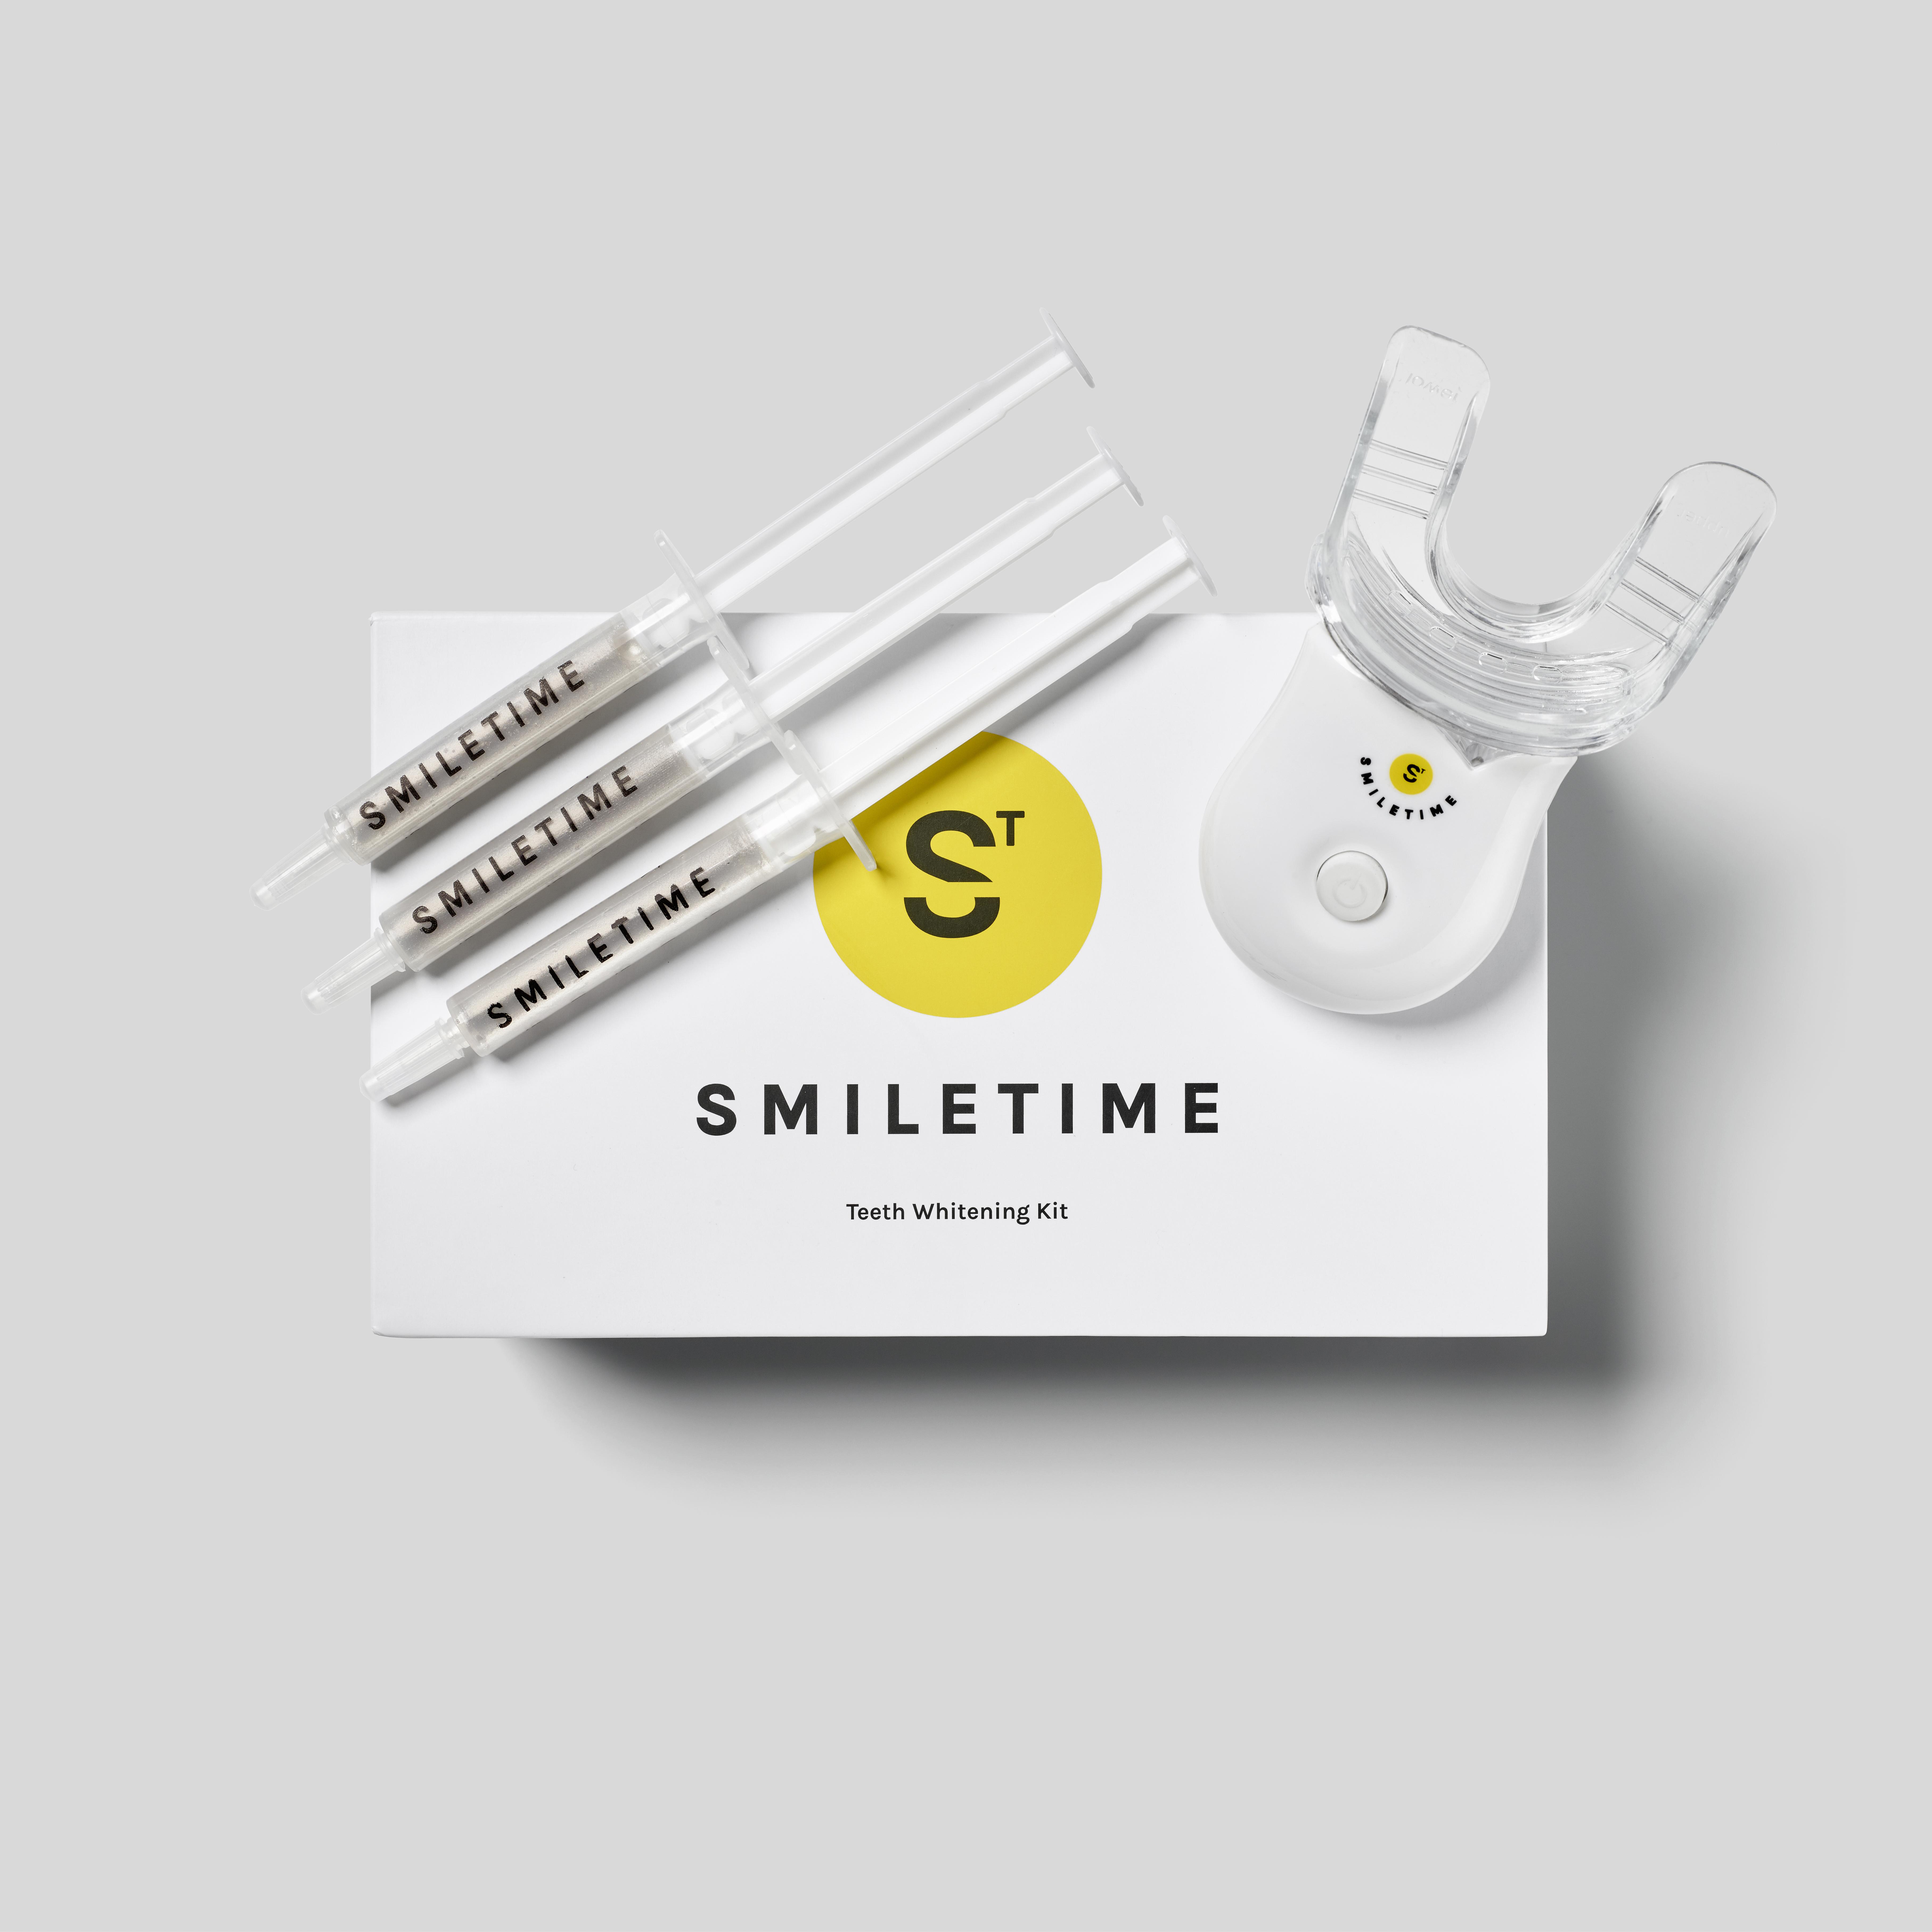 SmileTime whitening kit